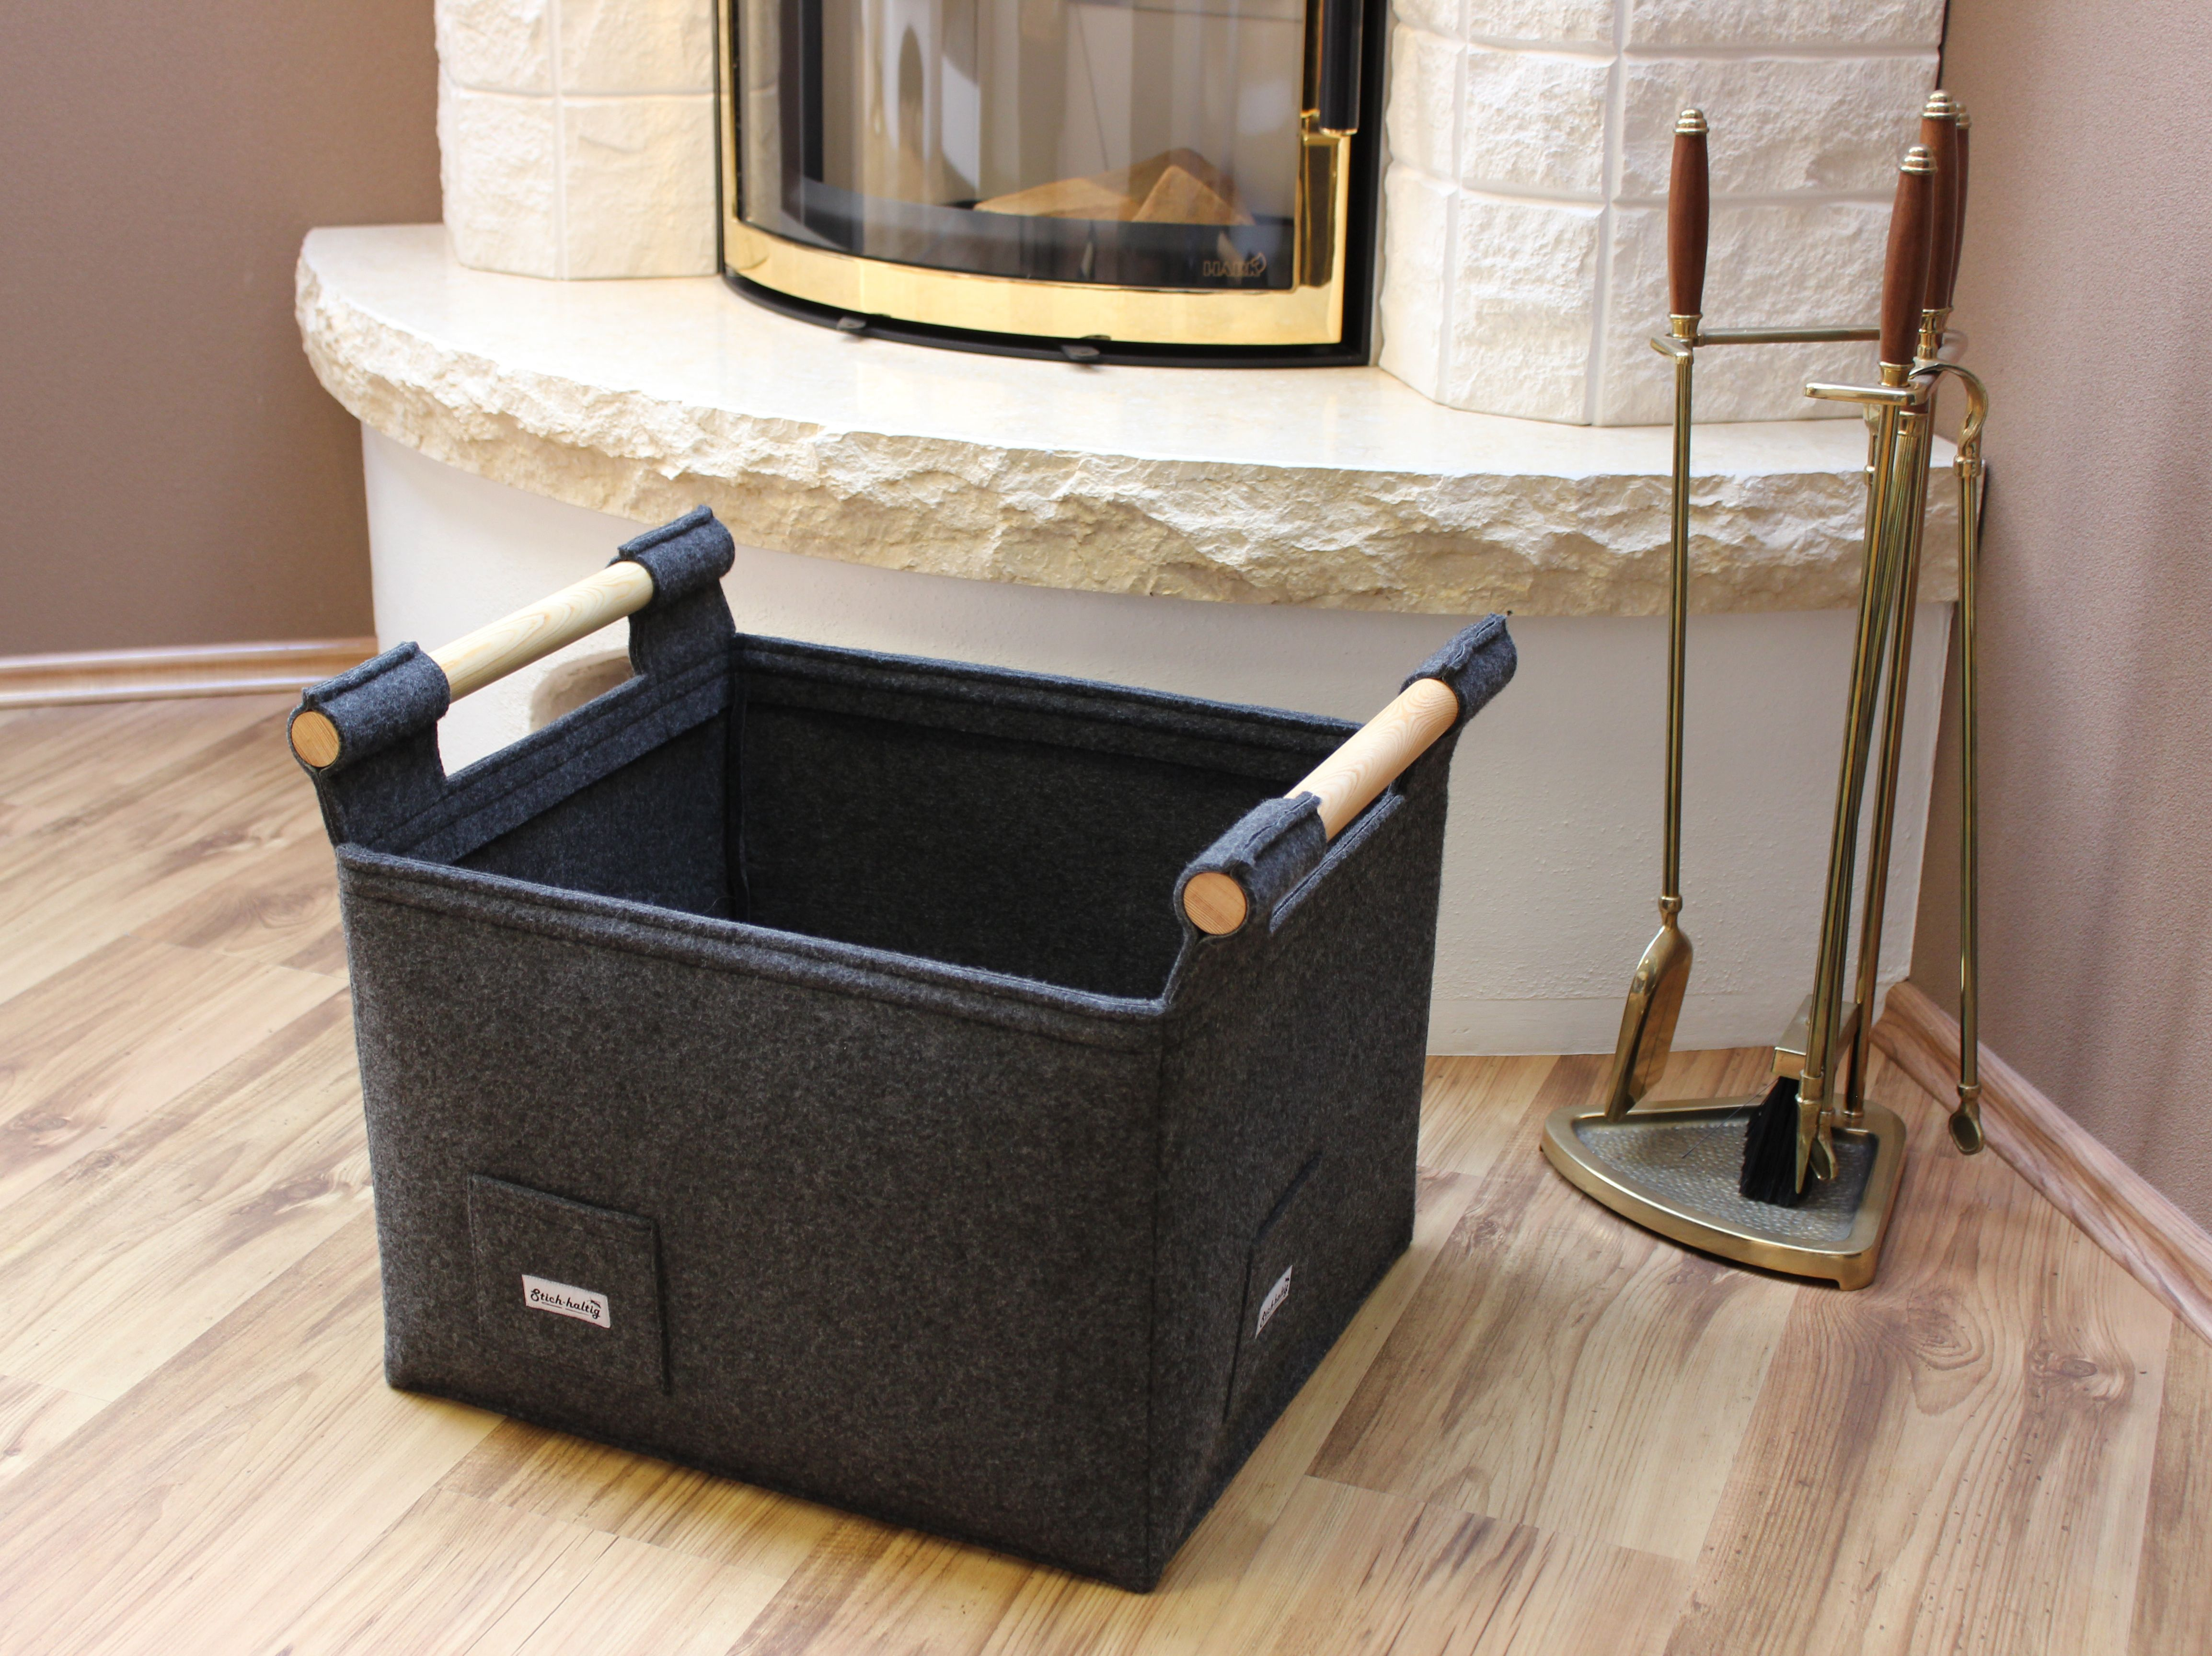 designer kaminholzkorb aus filz f r deinen kamin kamin kaminholz filzkorb stichhaltig felt. Black Bedroom Furniture Sets. Home Design Ideas